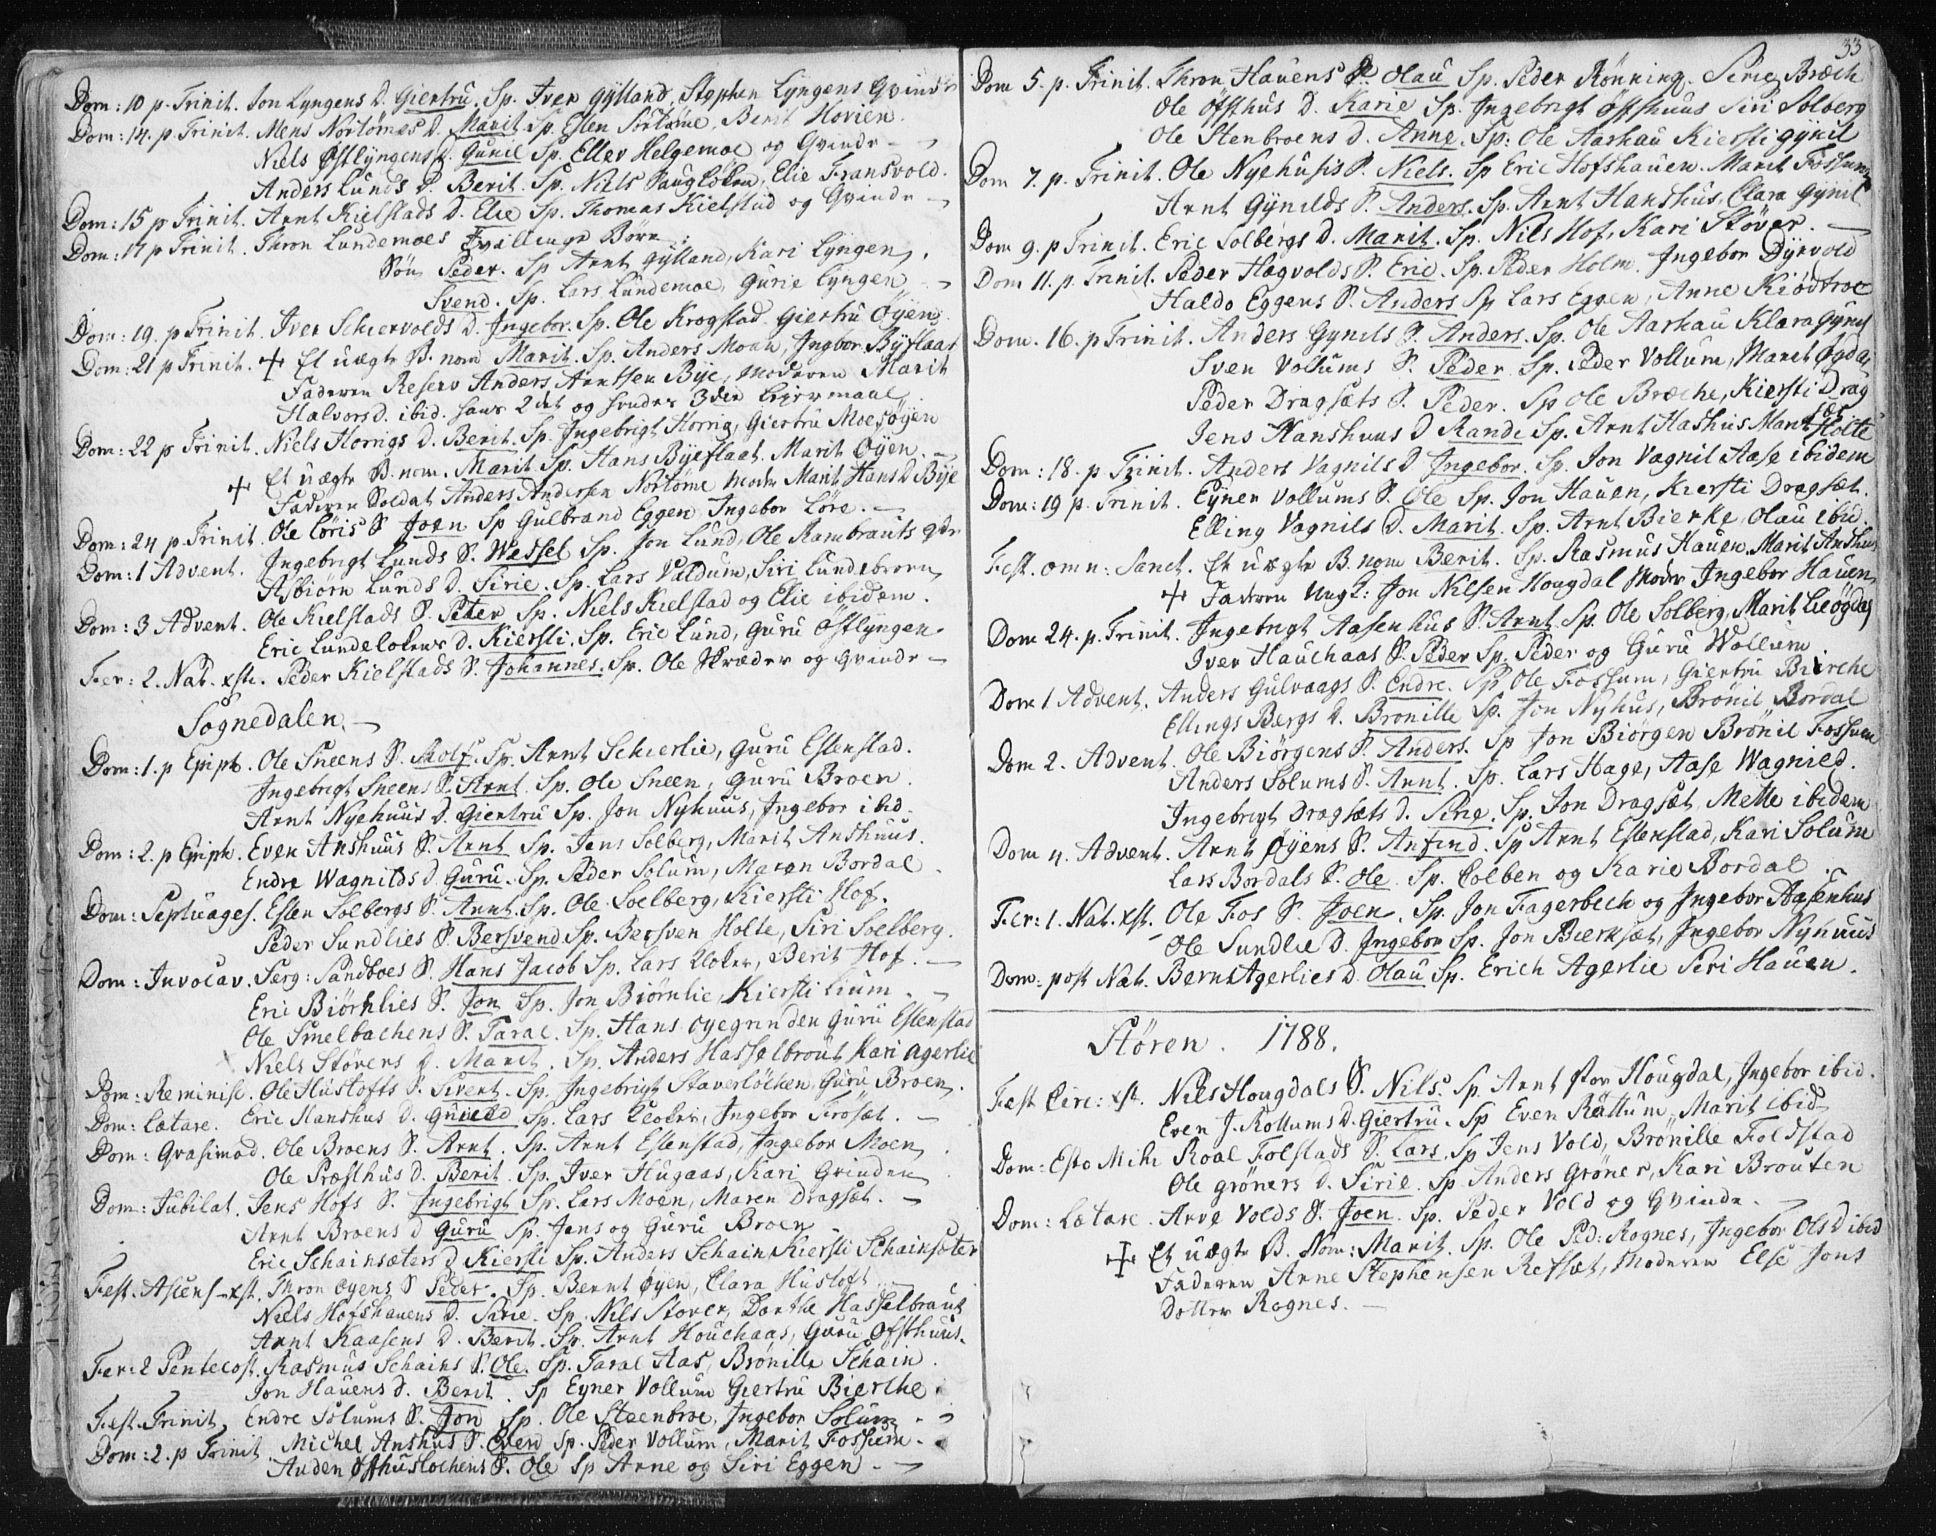 SAT, Ministerialprotokoller, klokkerbøker og fødselsregistre - Sør-Trøndelag, 687/L0991: Ministerialbok nr. 687A02, 1747-1790, s. 33